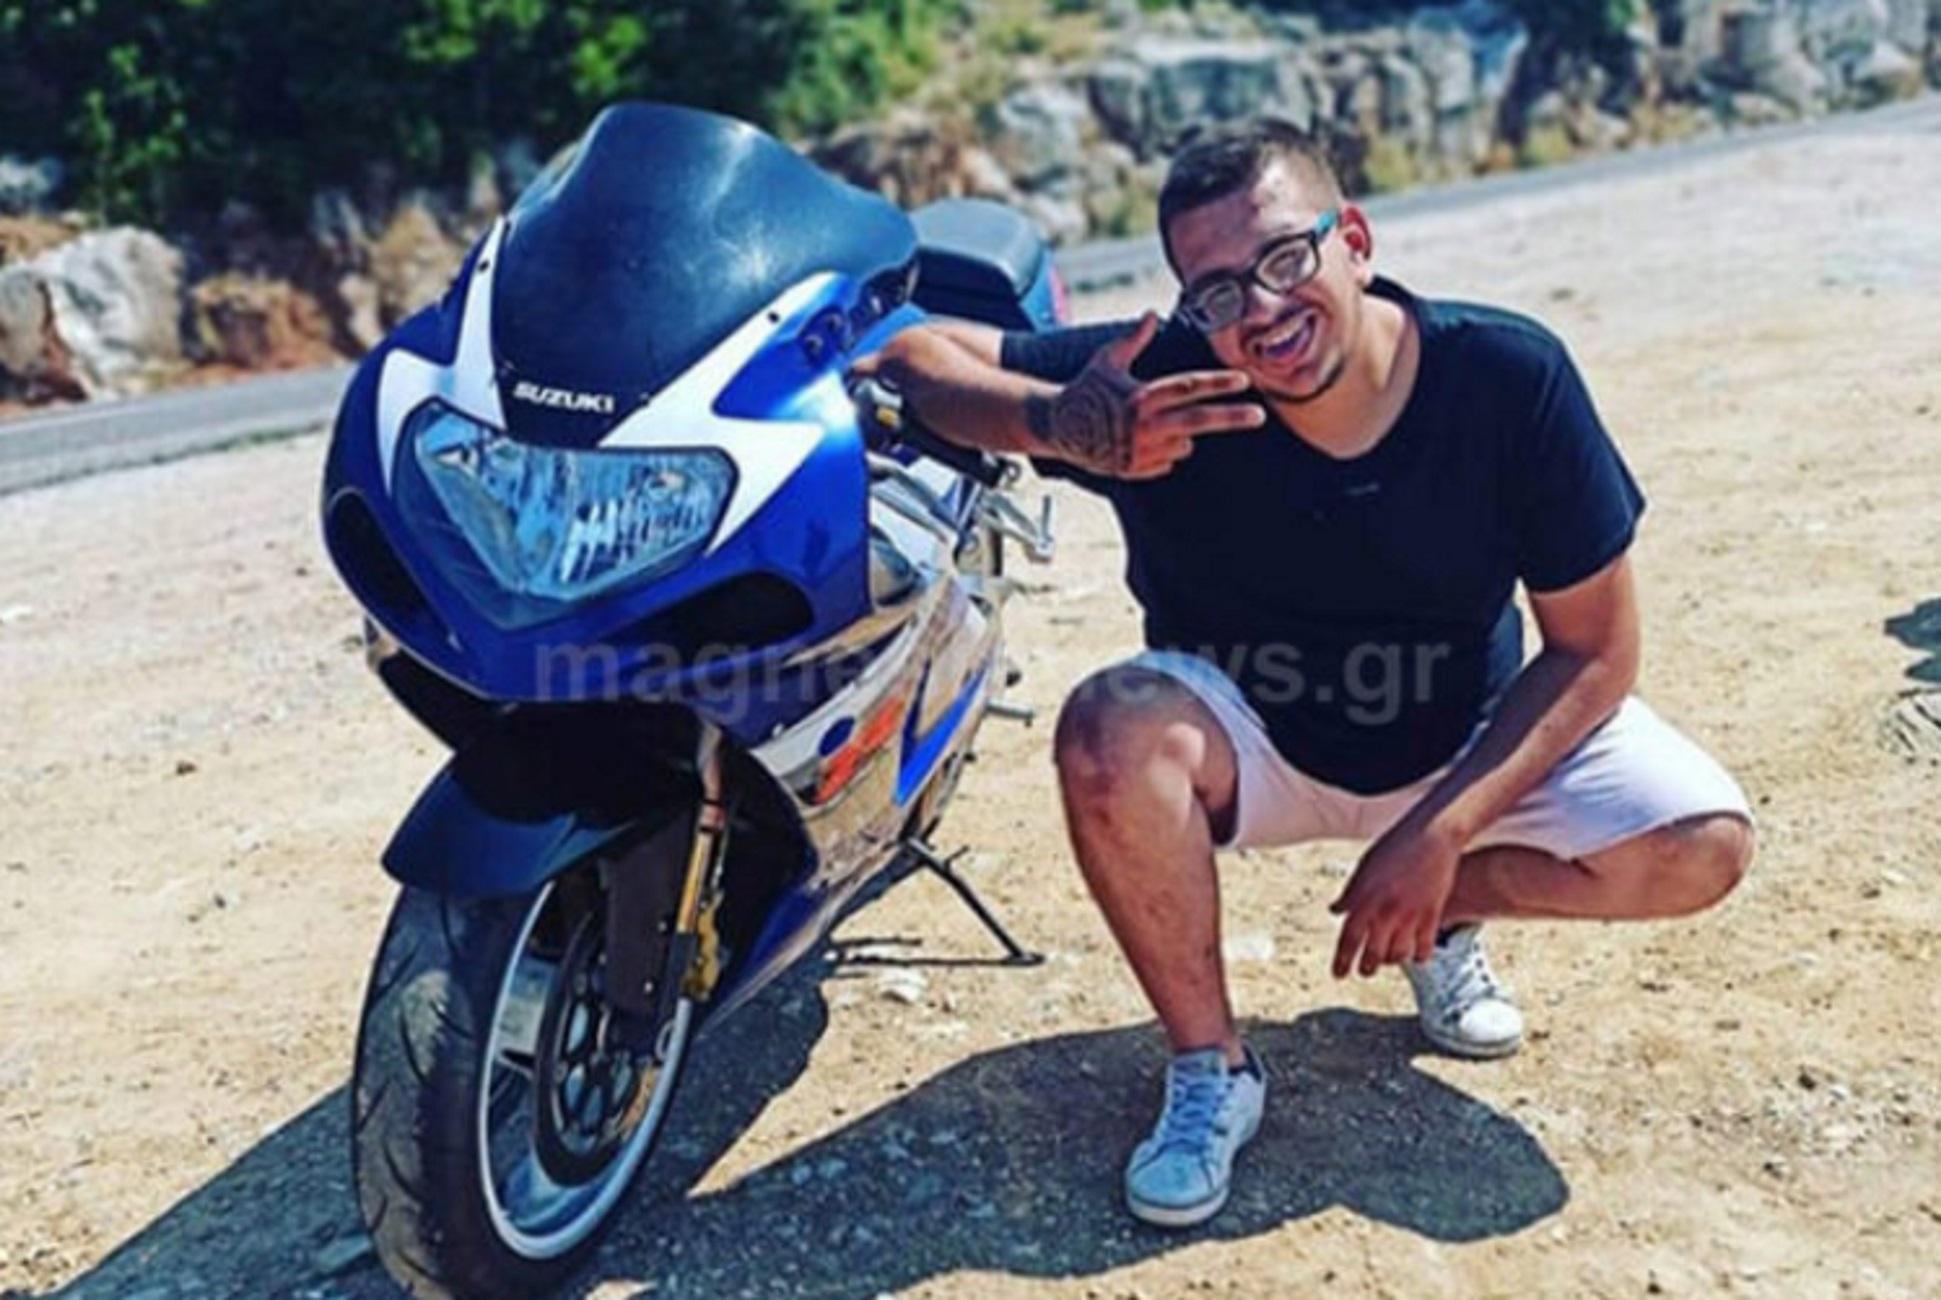 Μαγνησία: Σπαραγμός για νεαρό οδηγό μηχανής! Το τελευταίο απόγευμα με τους κολλητούς φίλους και το φοβερό τροχαίο